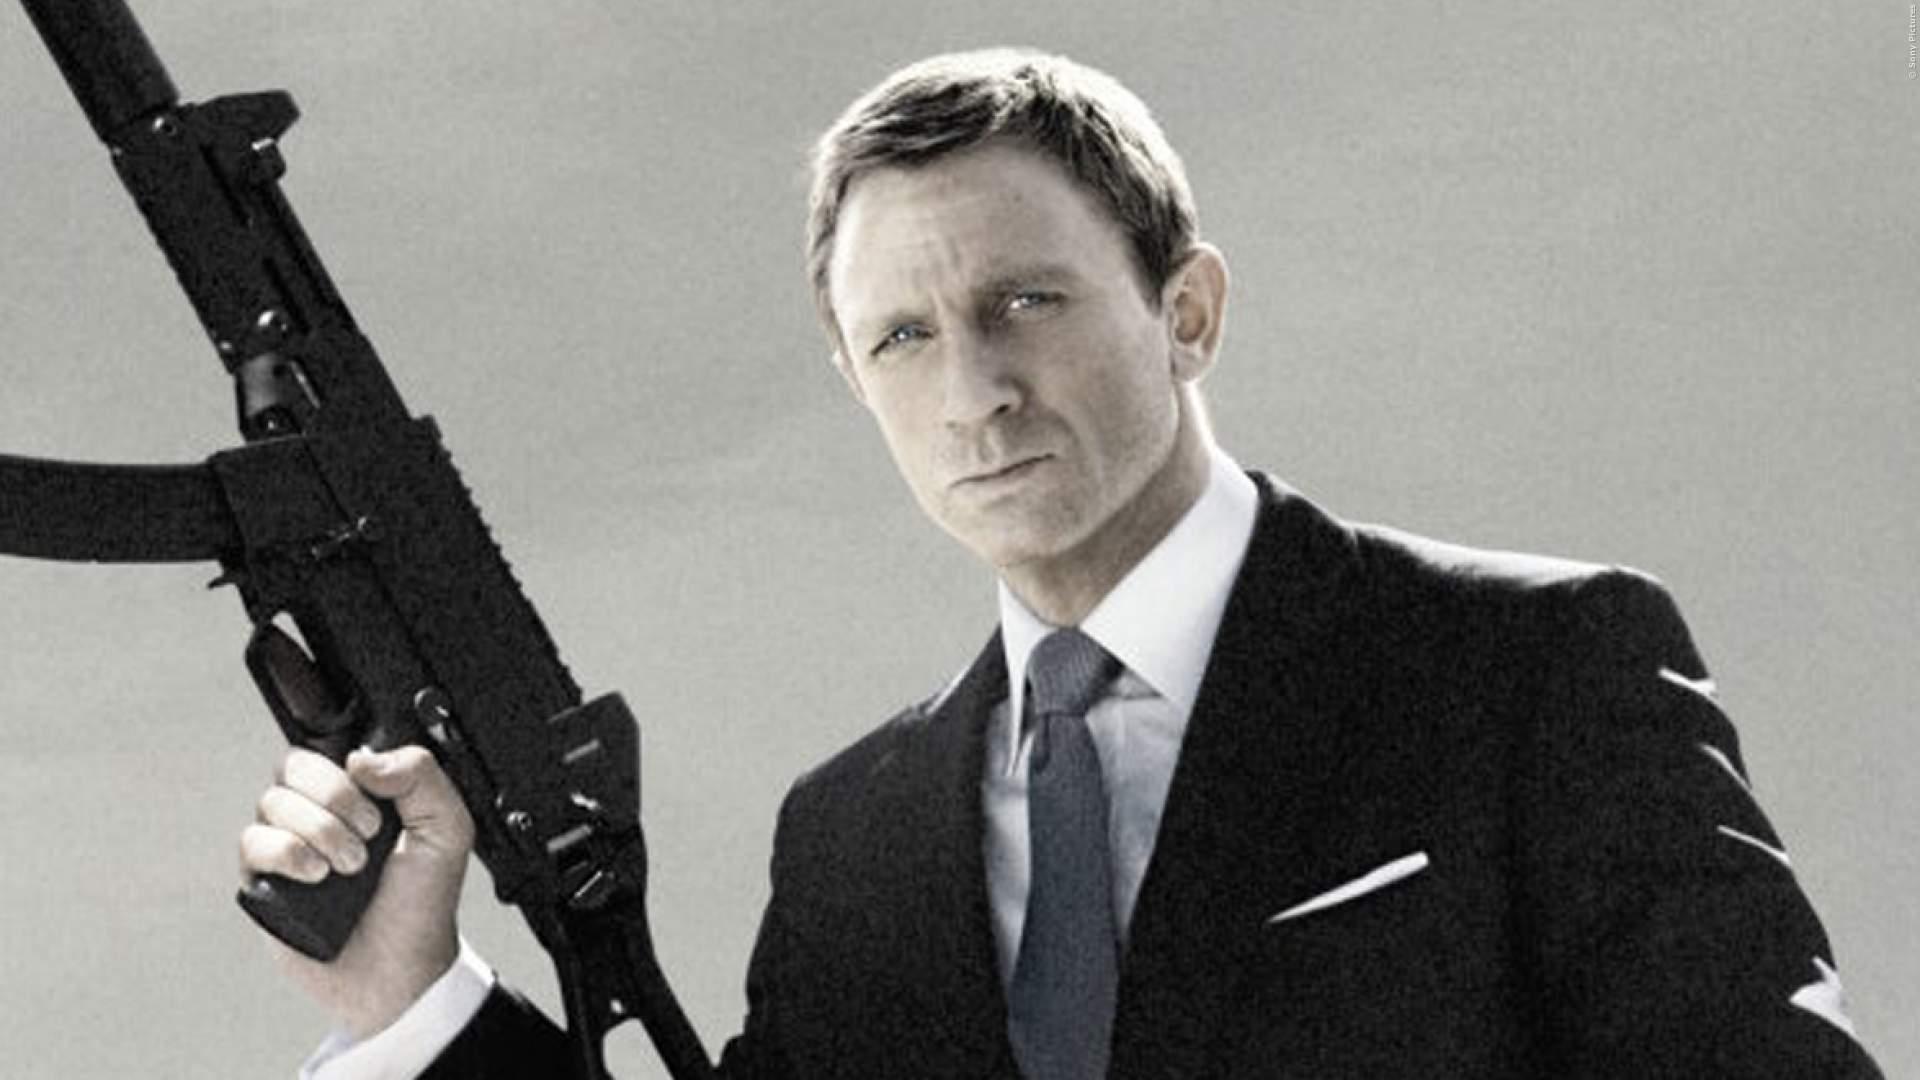 007: Stunt-Team zeigt exklusive Szenen zum neuen 'James Bond'-Film